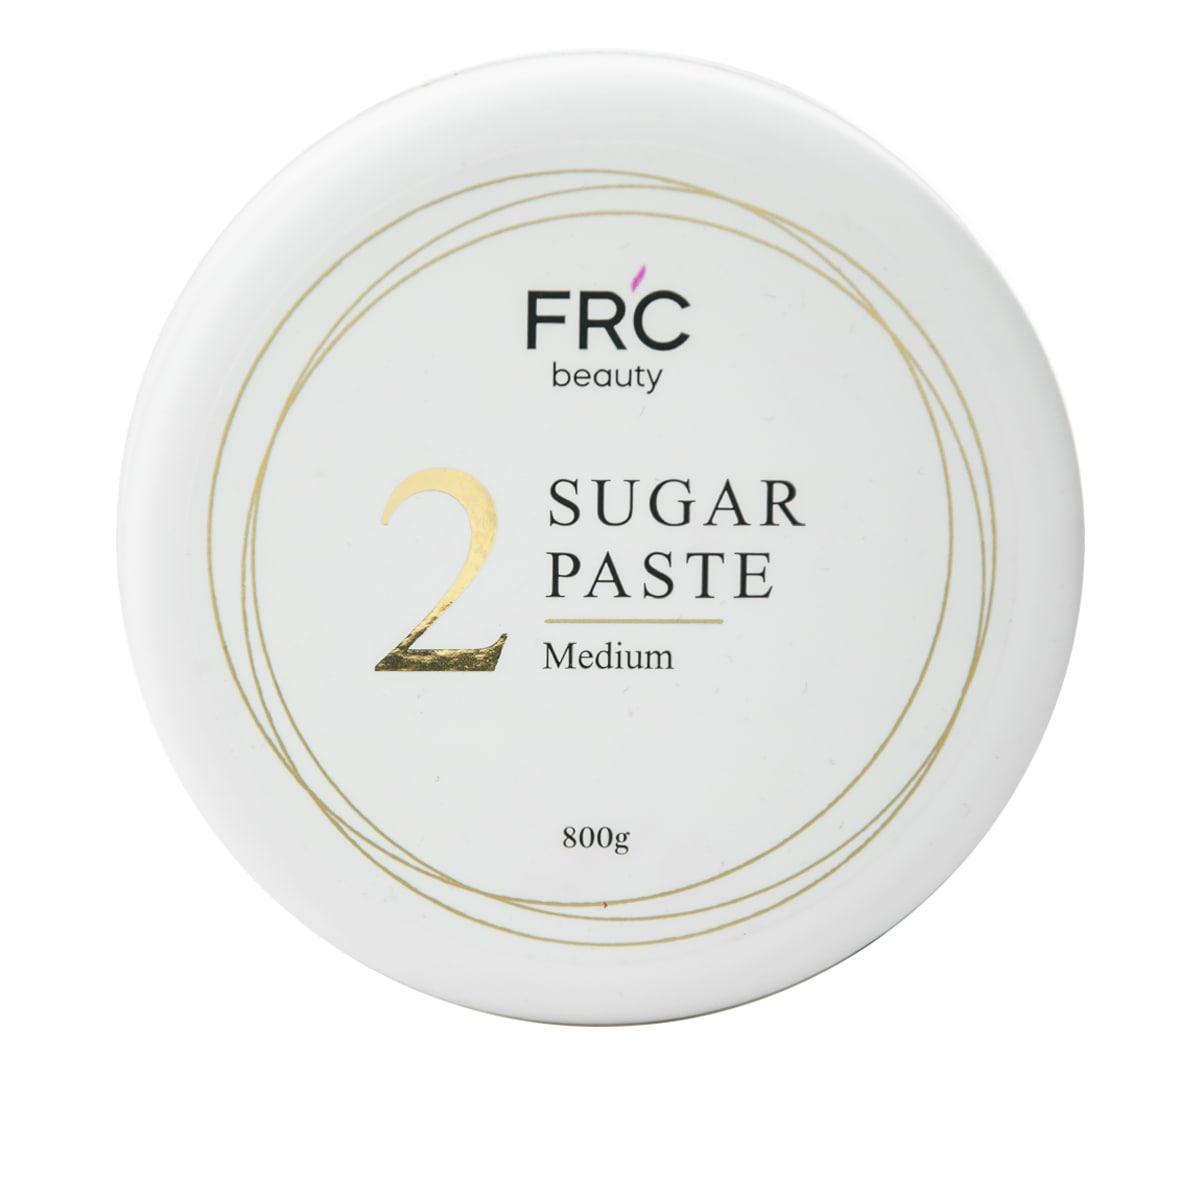 Шугарінг FRC Beauty 800 м (Medium) - Цукрові Пасти для шугарінга середньої щільності